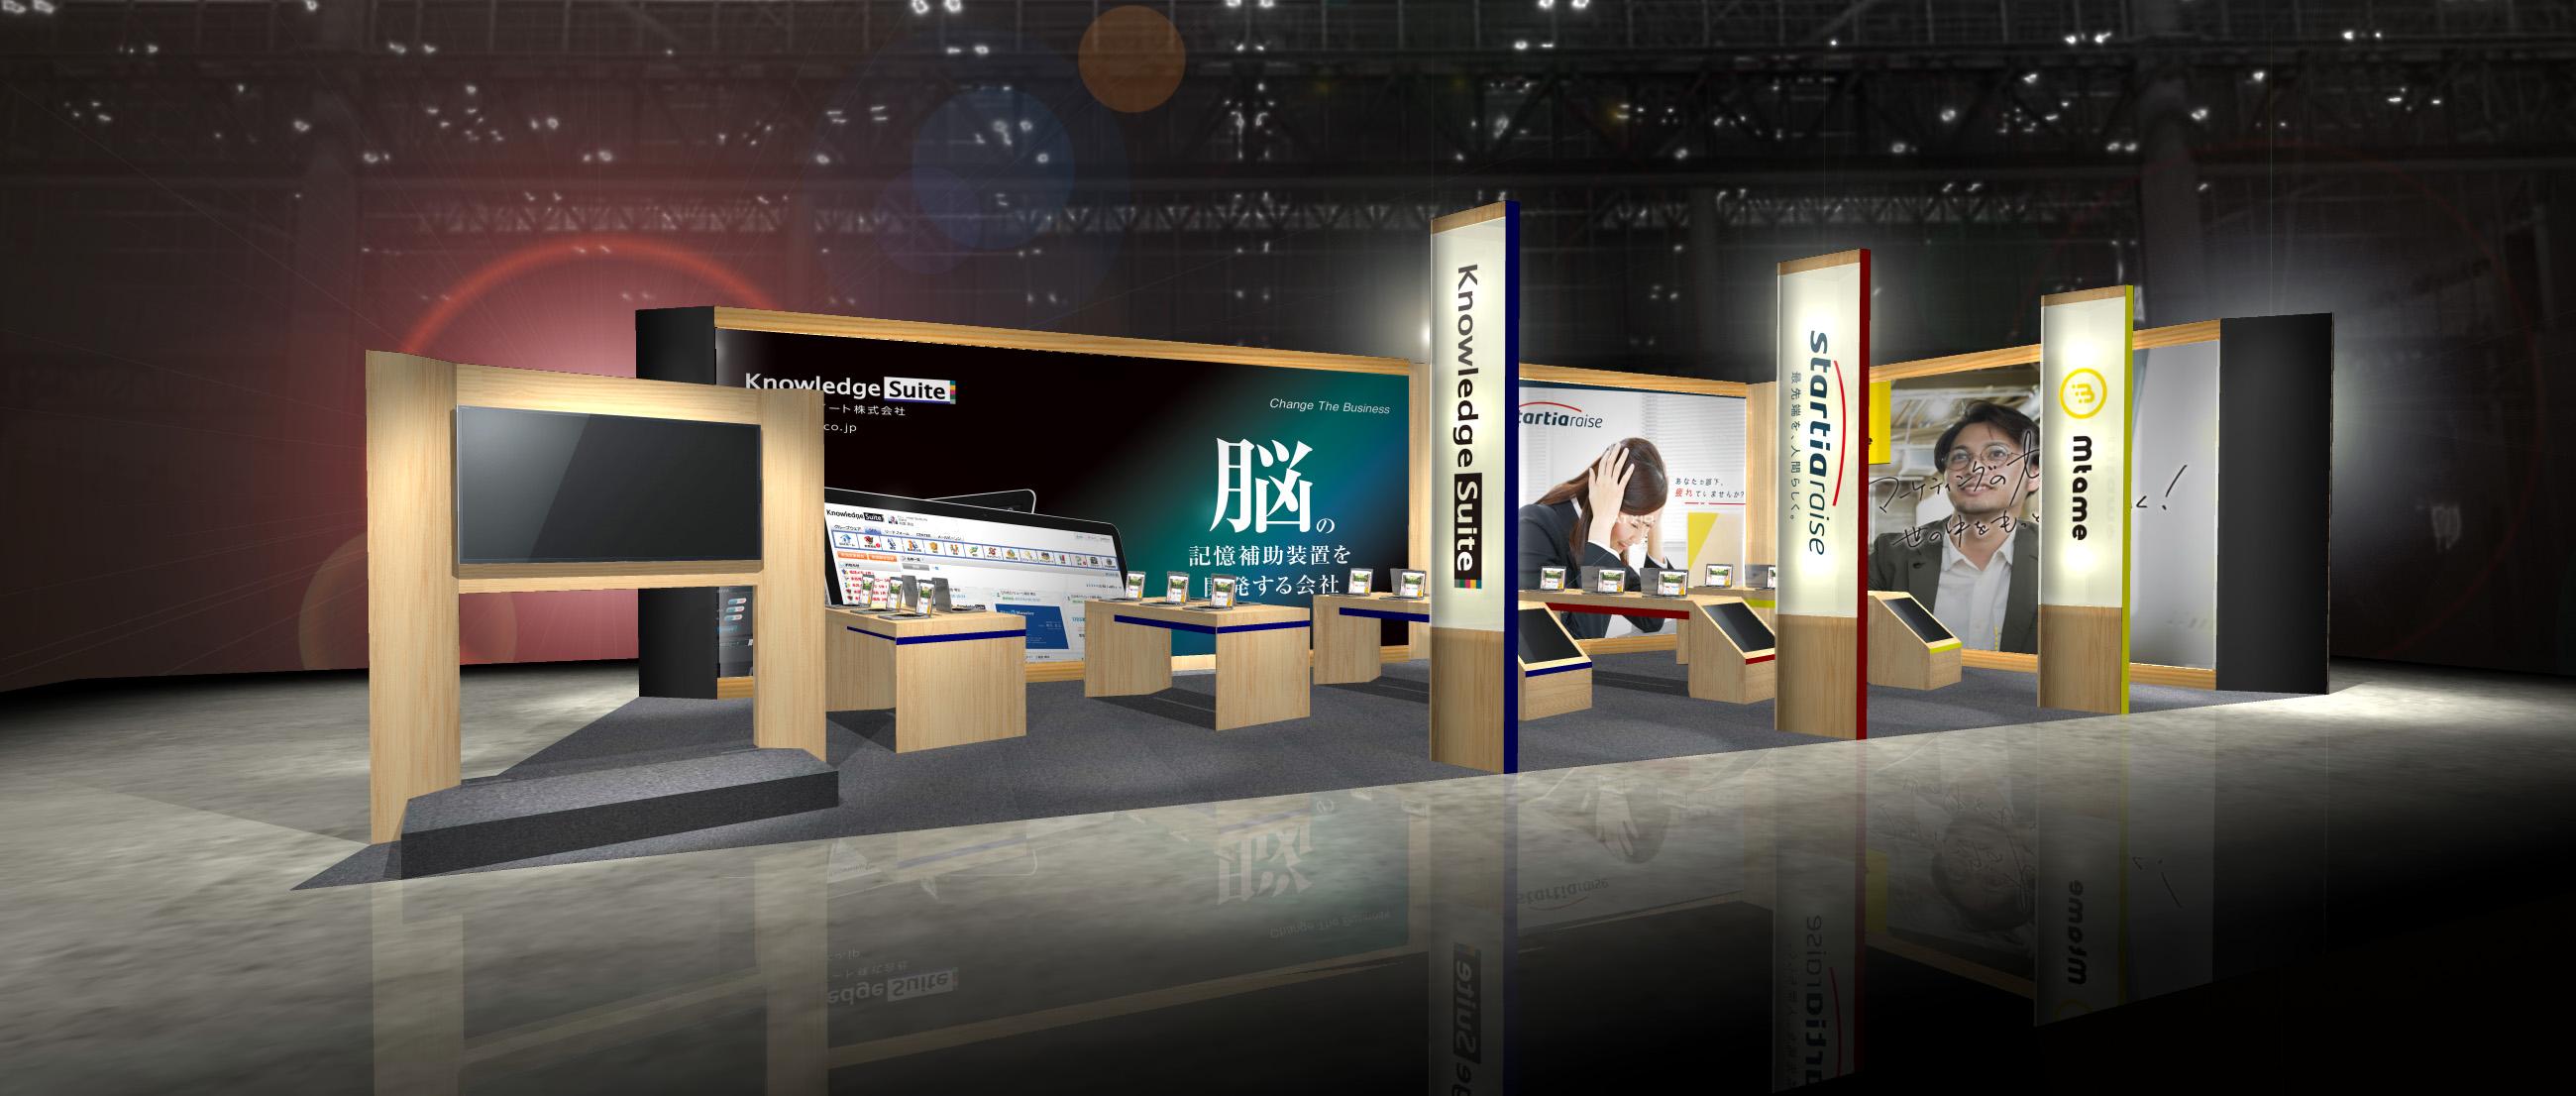 【スターティアレイズ】営業支援EXPO【春】にナレッジスイート・Mtame・スターティアレイズで初共同出展!